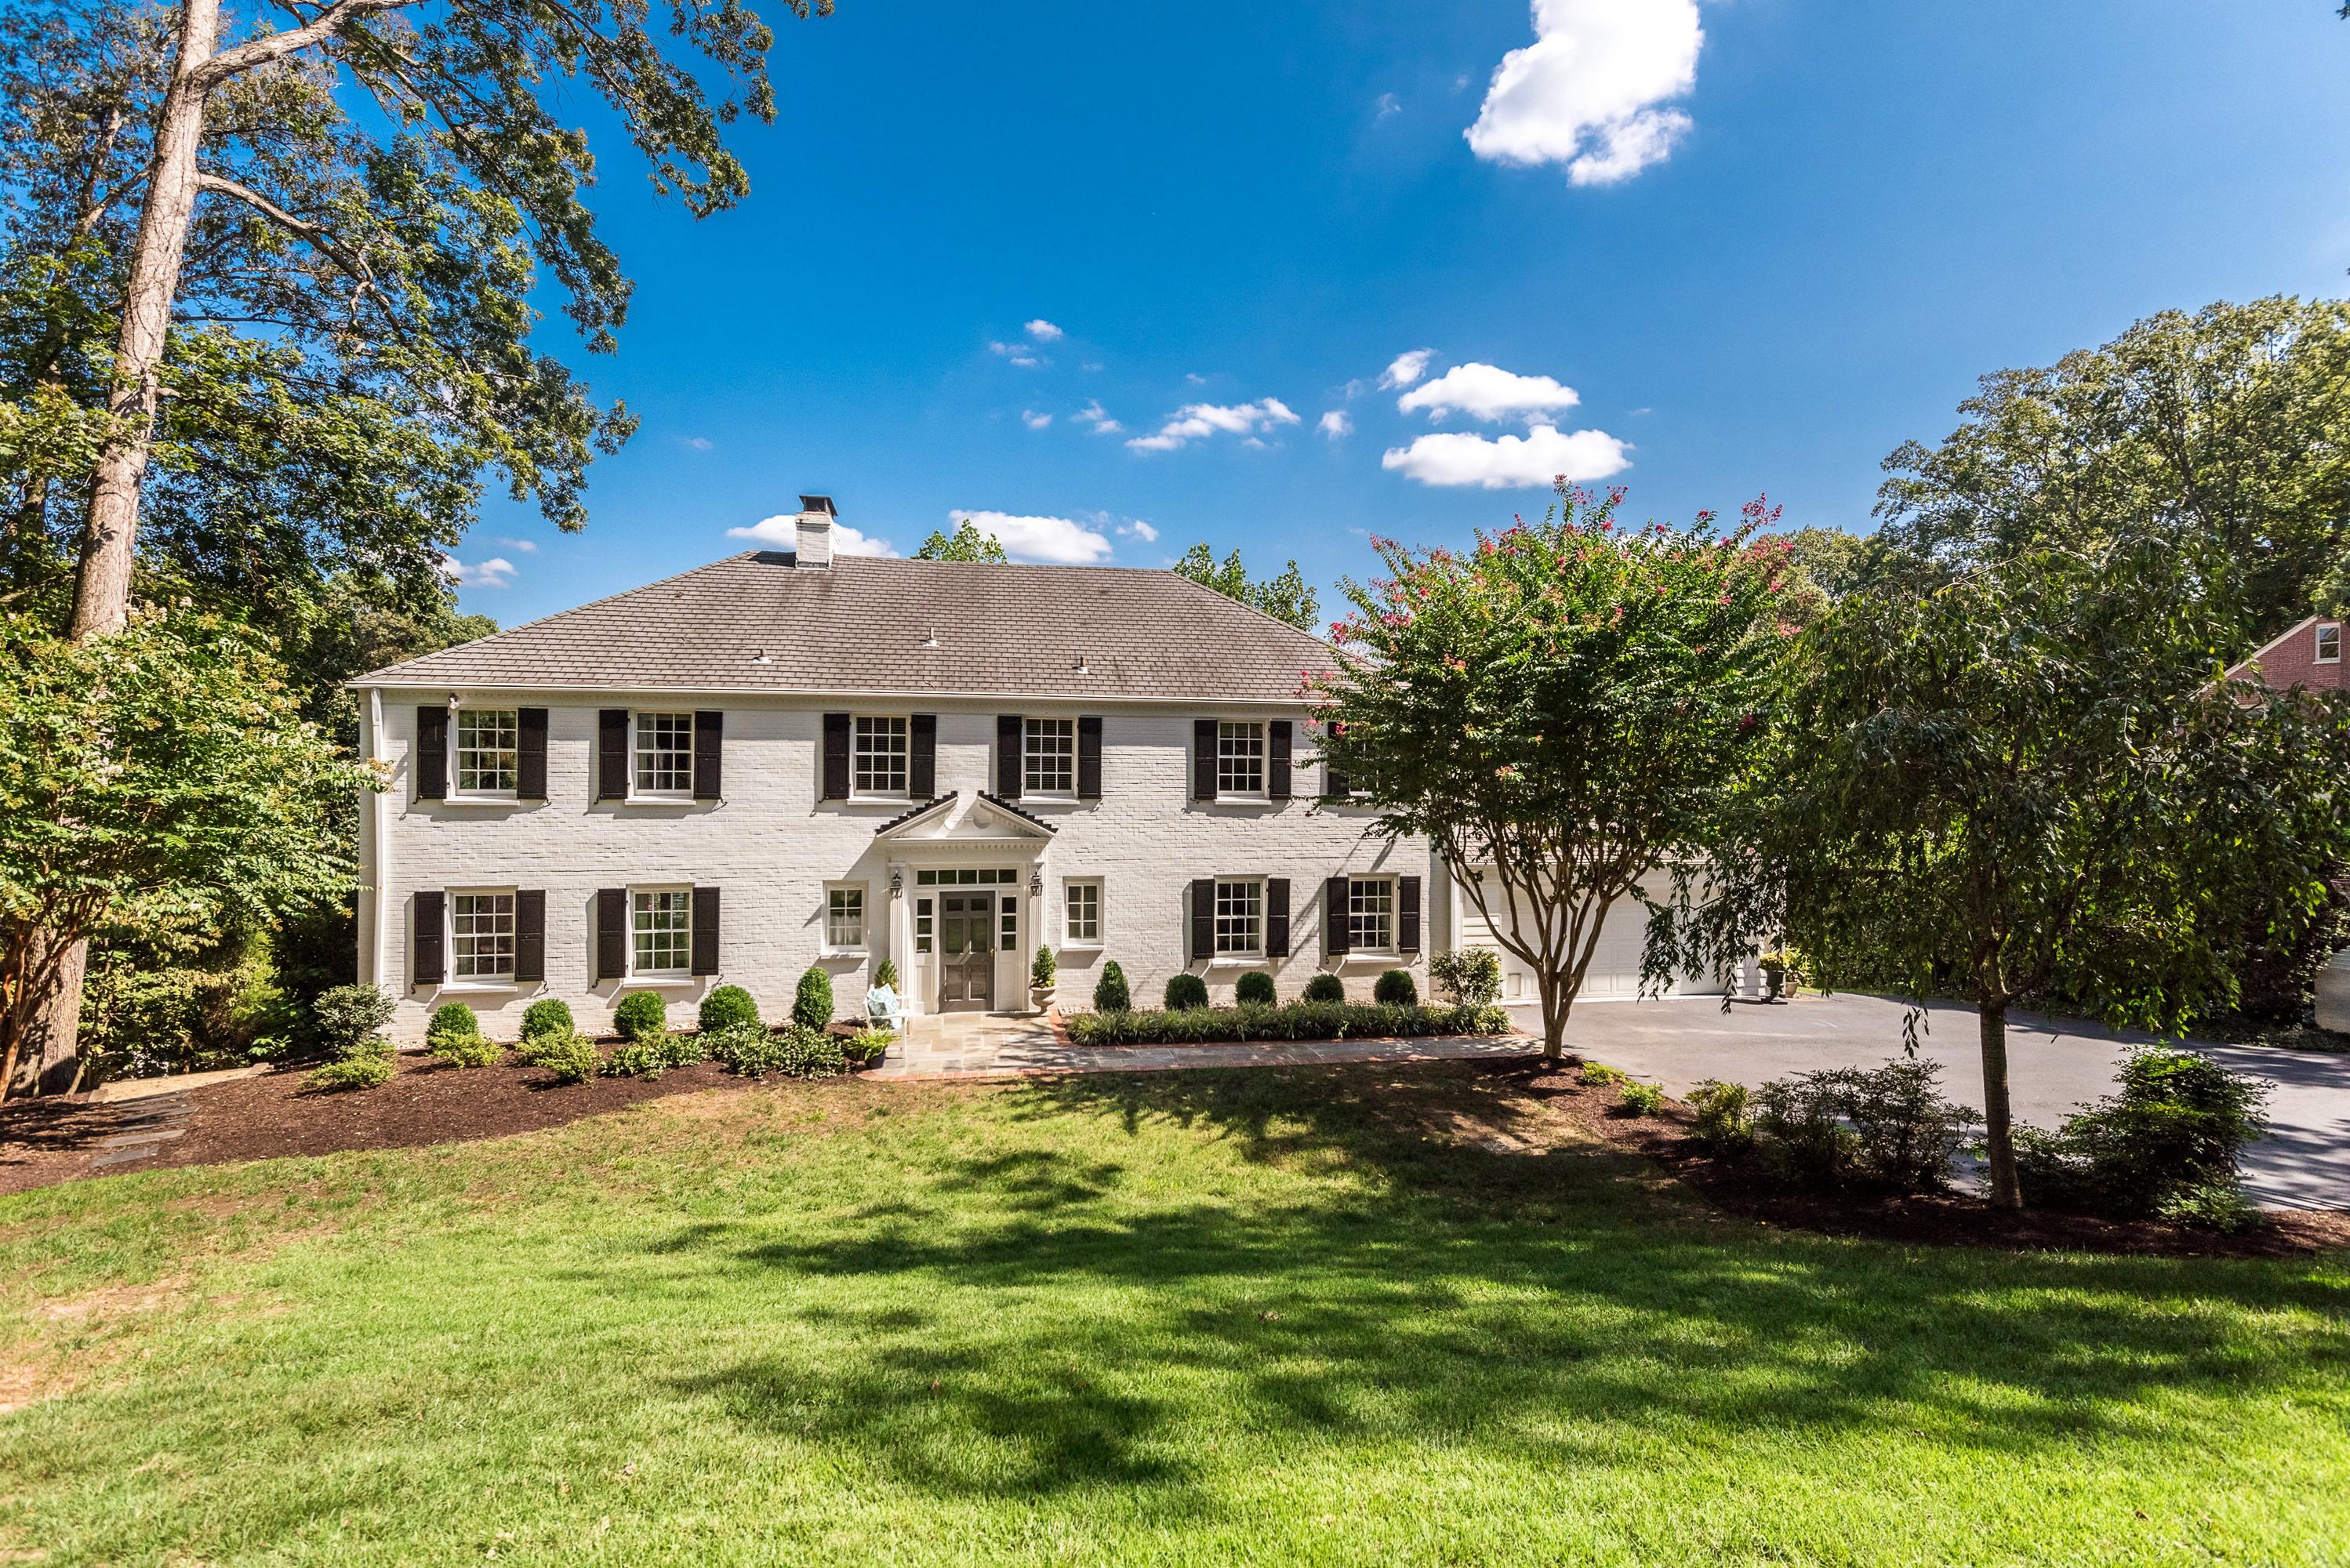 一戸建て のために 売買 アット 306 Westoe Road 306 Westoe Rd Henrico, バージニア, 23229 アメリカ合衆国